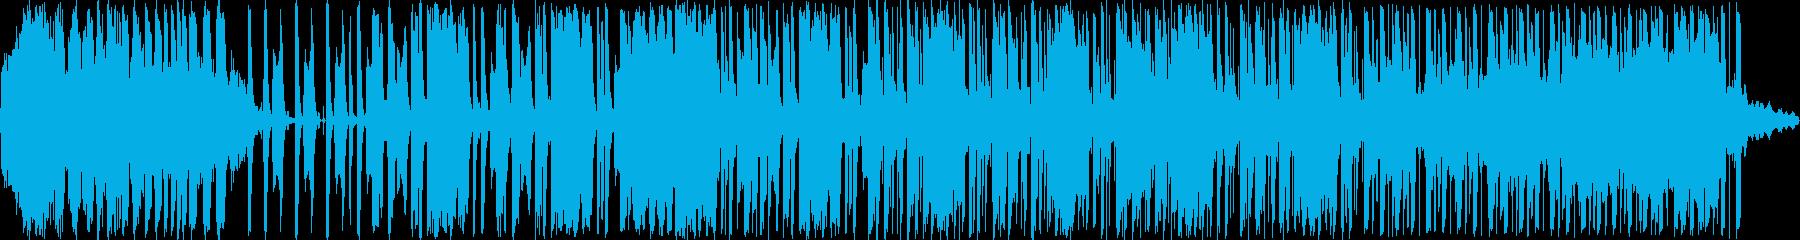 和楽器とテクノ系の楽器を混ぜたダンスミ…の再生済みの波形